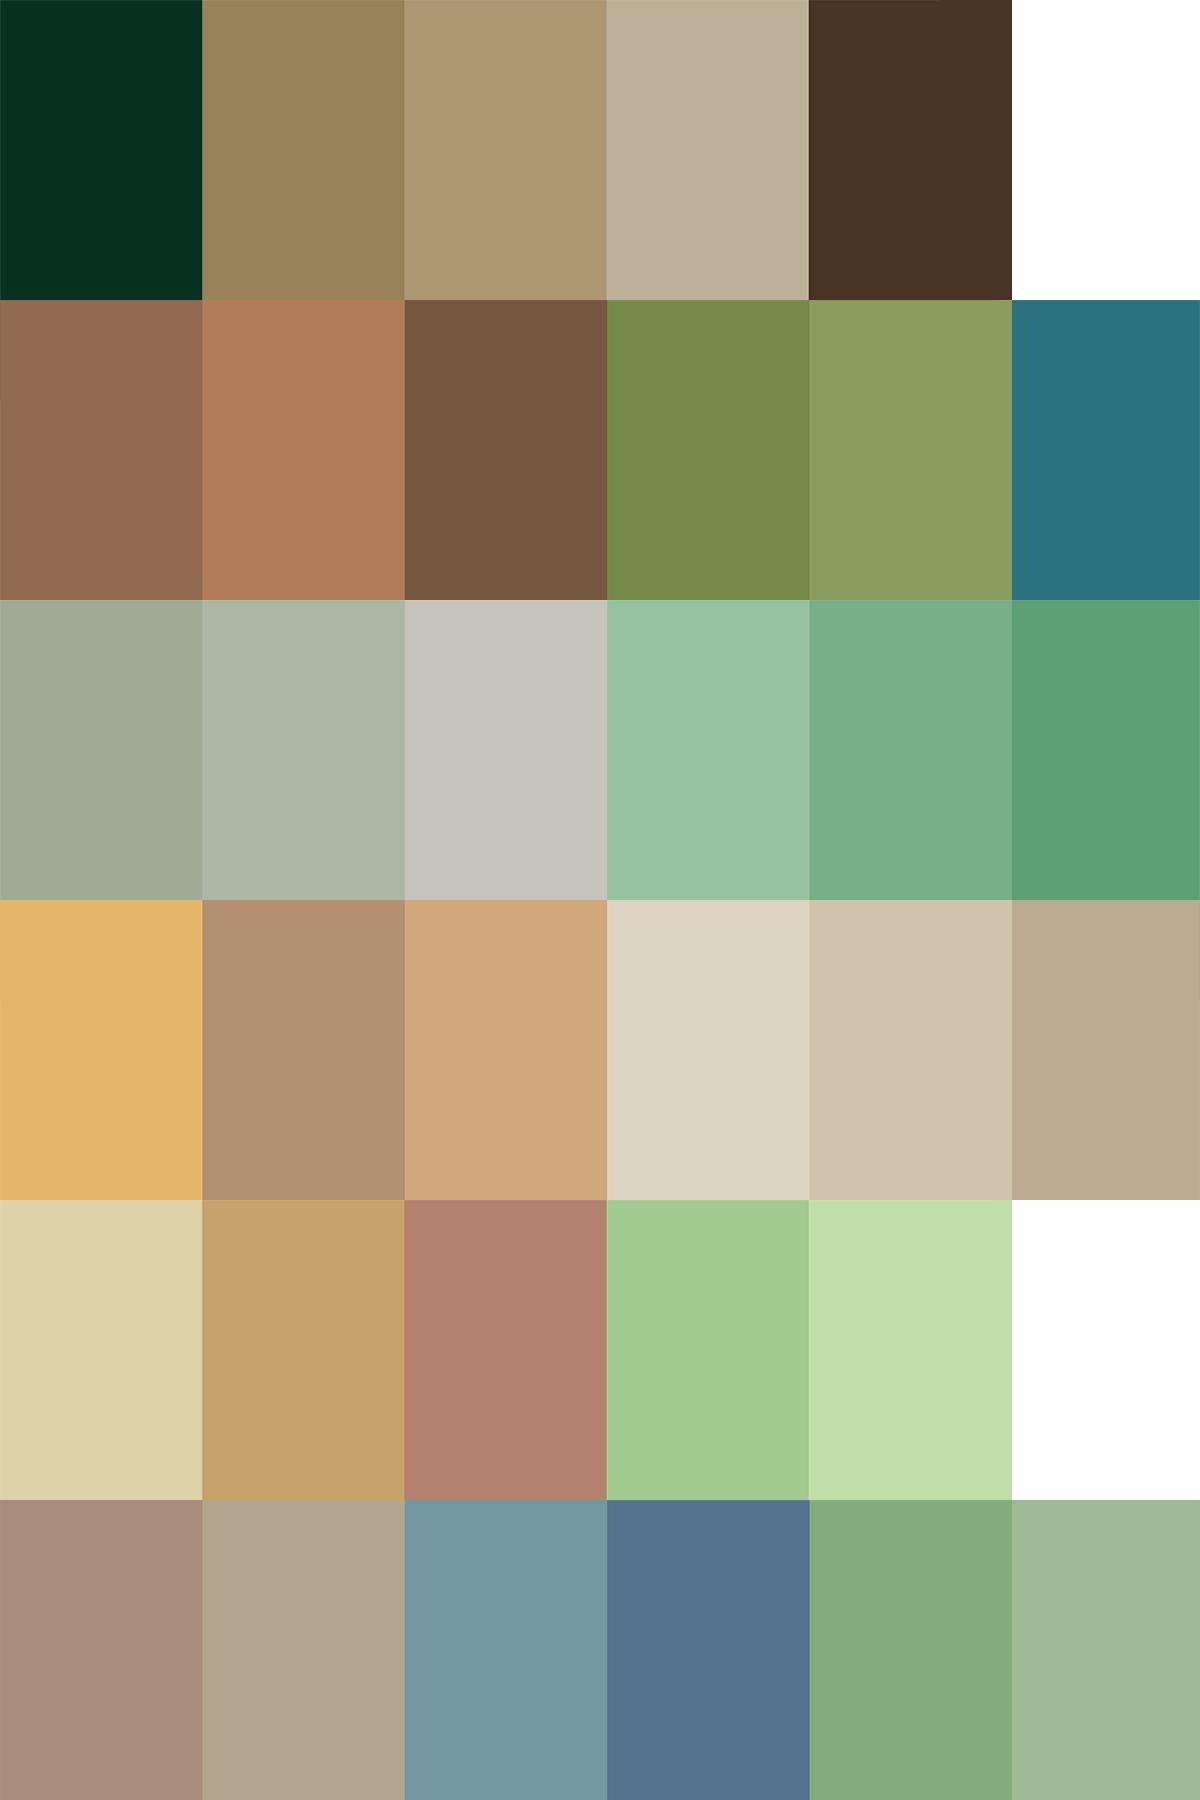 自然界にある色のカラーサンプル